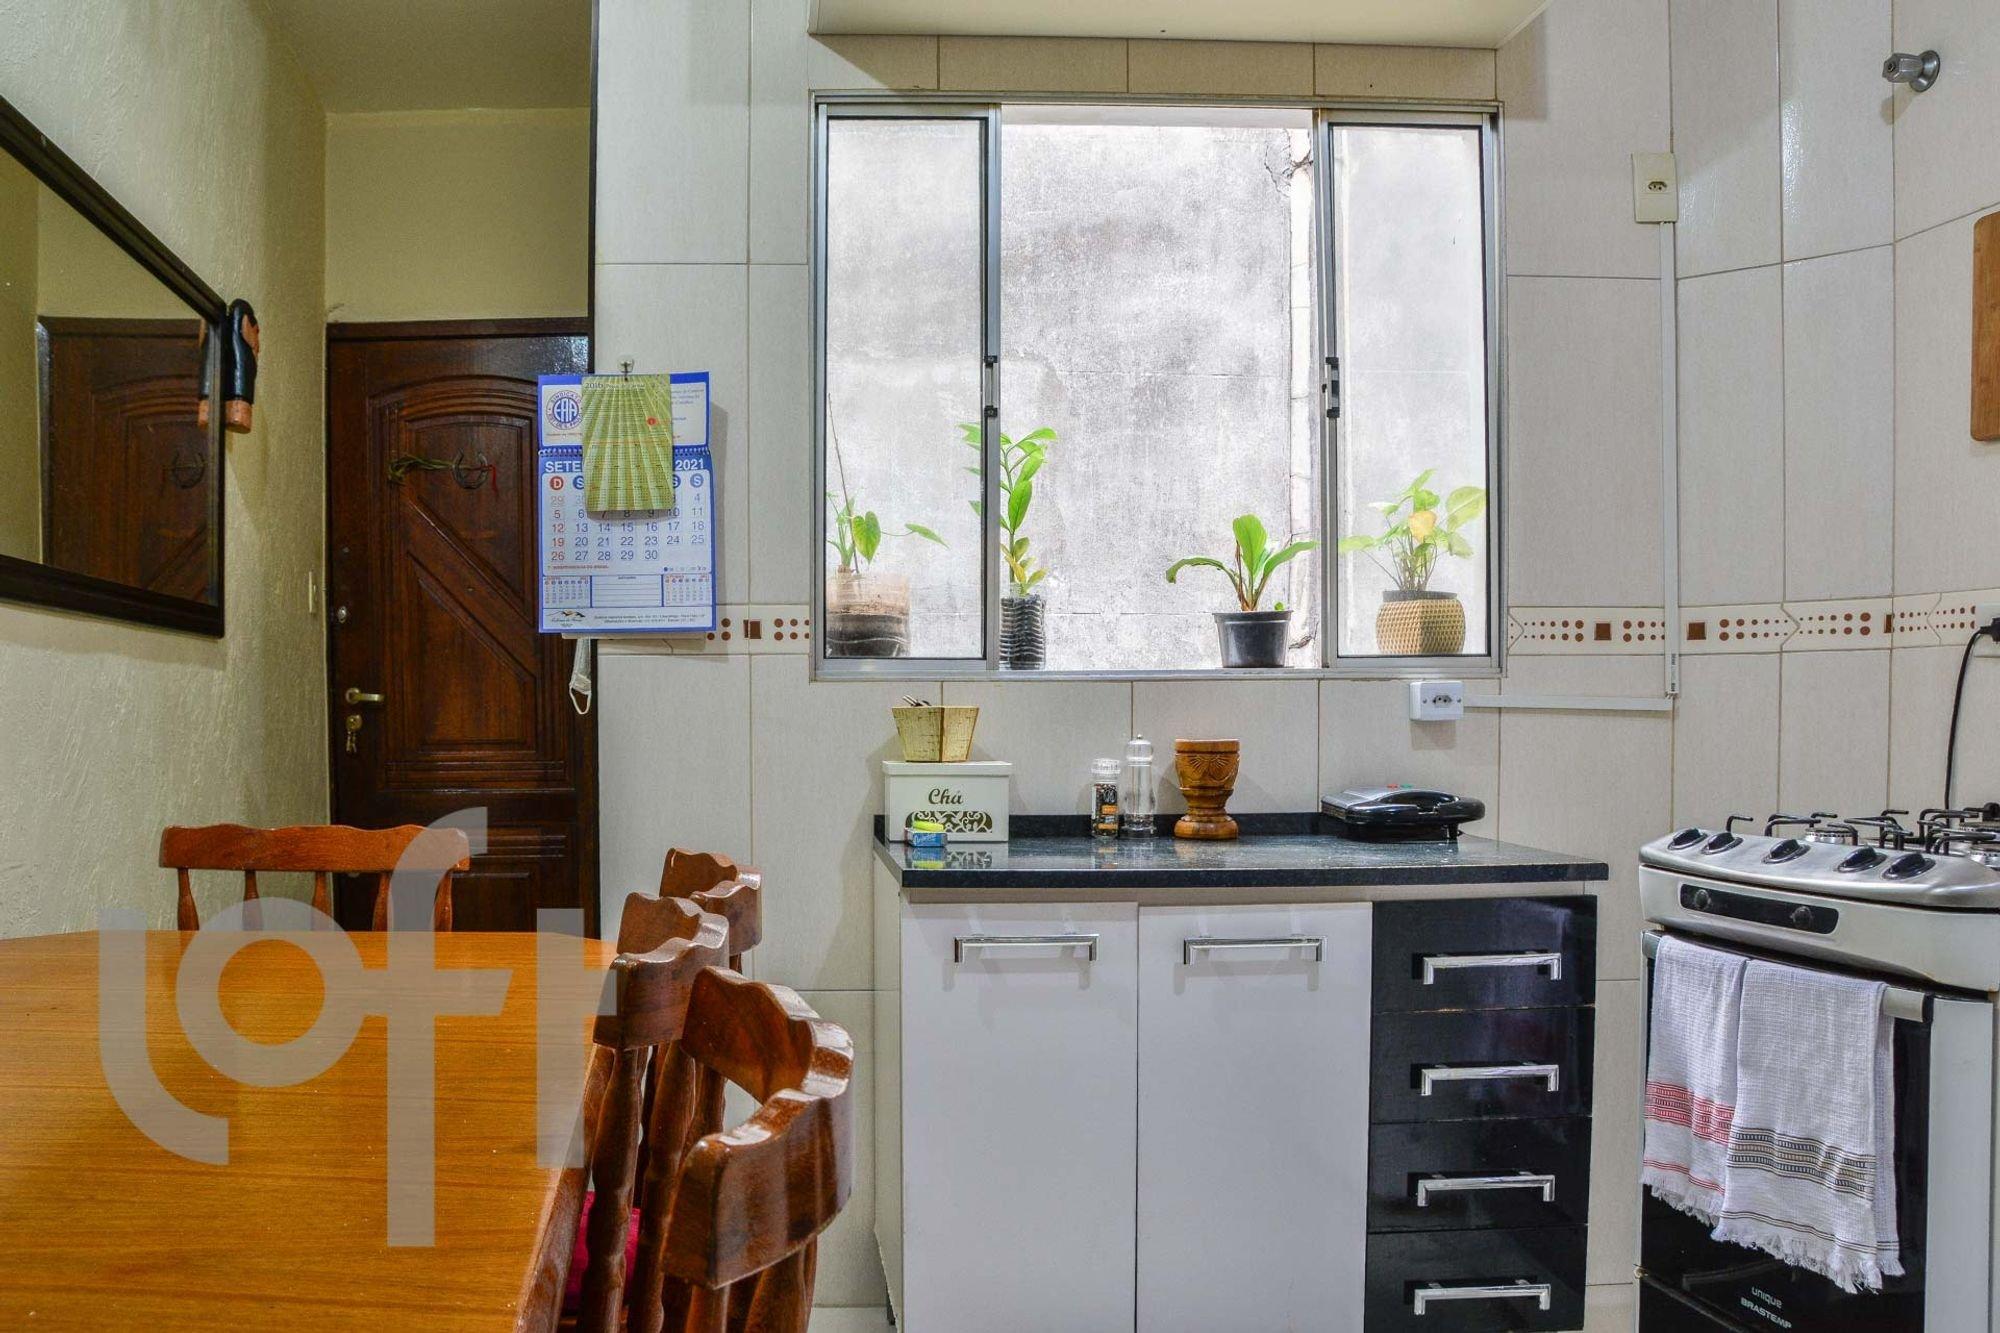 Foto de Cozinha com garrafa, geladeira, cadeira, pia, mesa de jantar, xícara